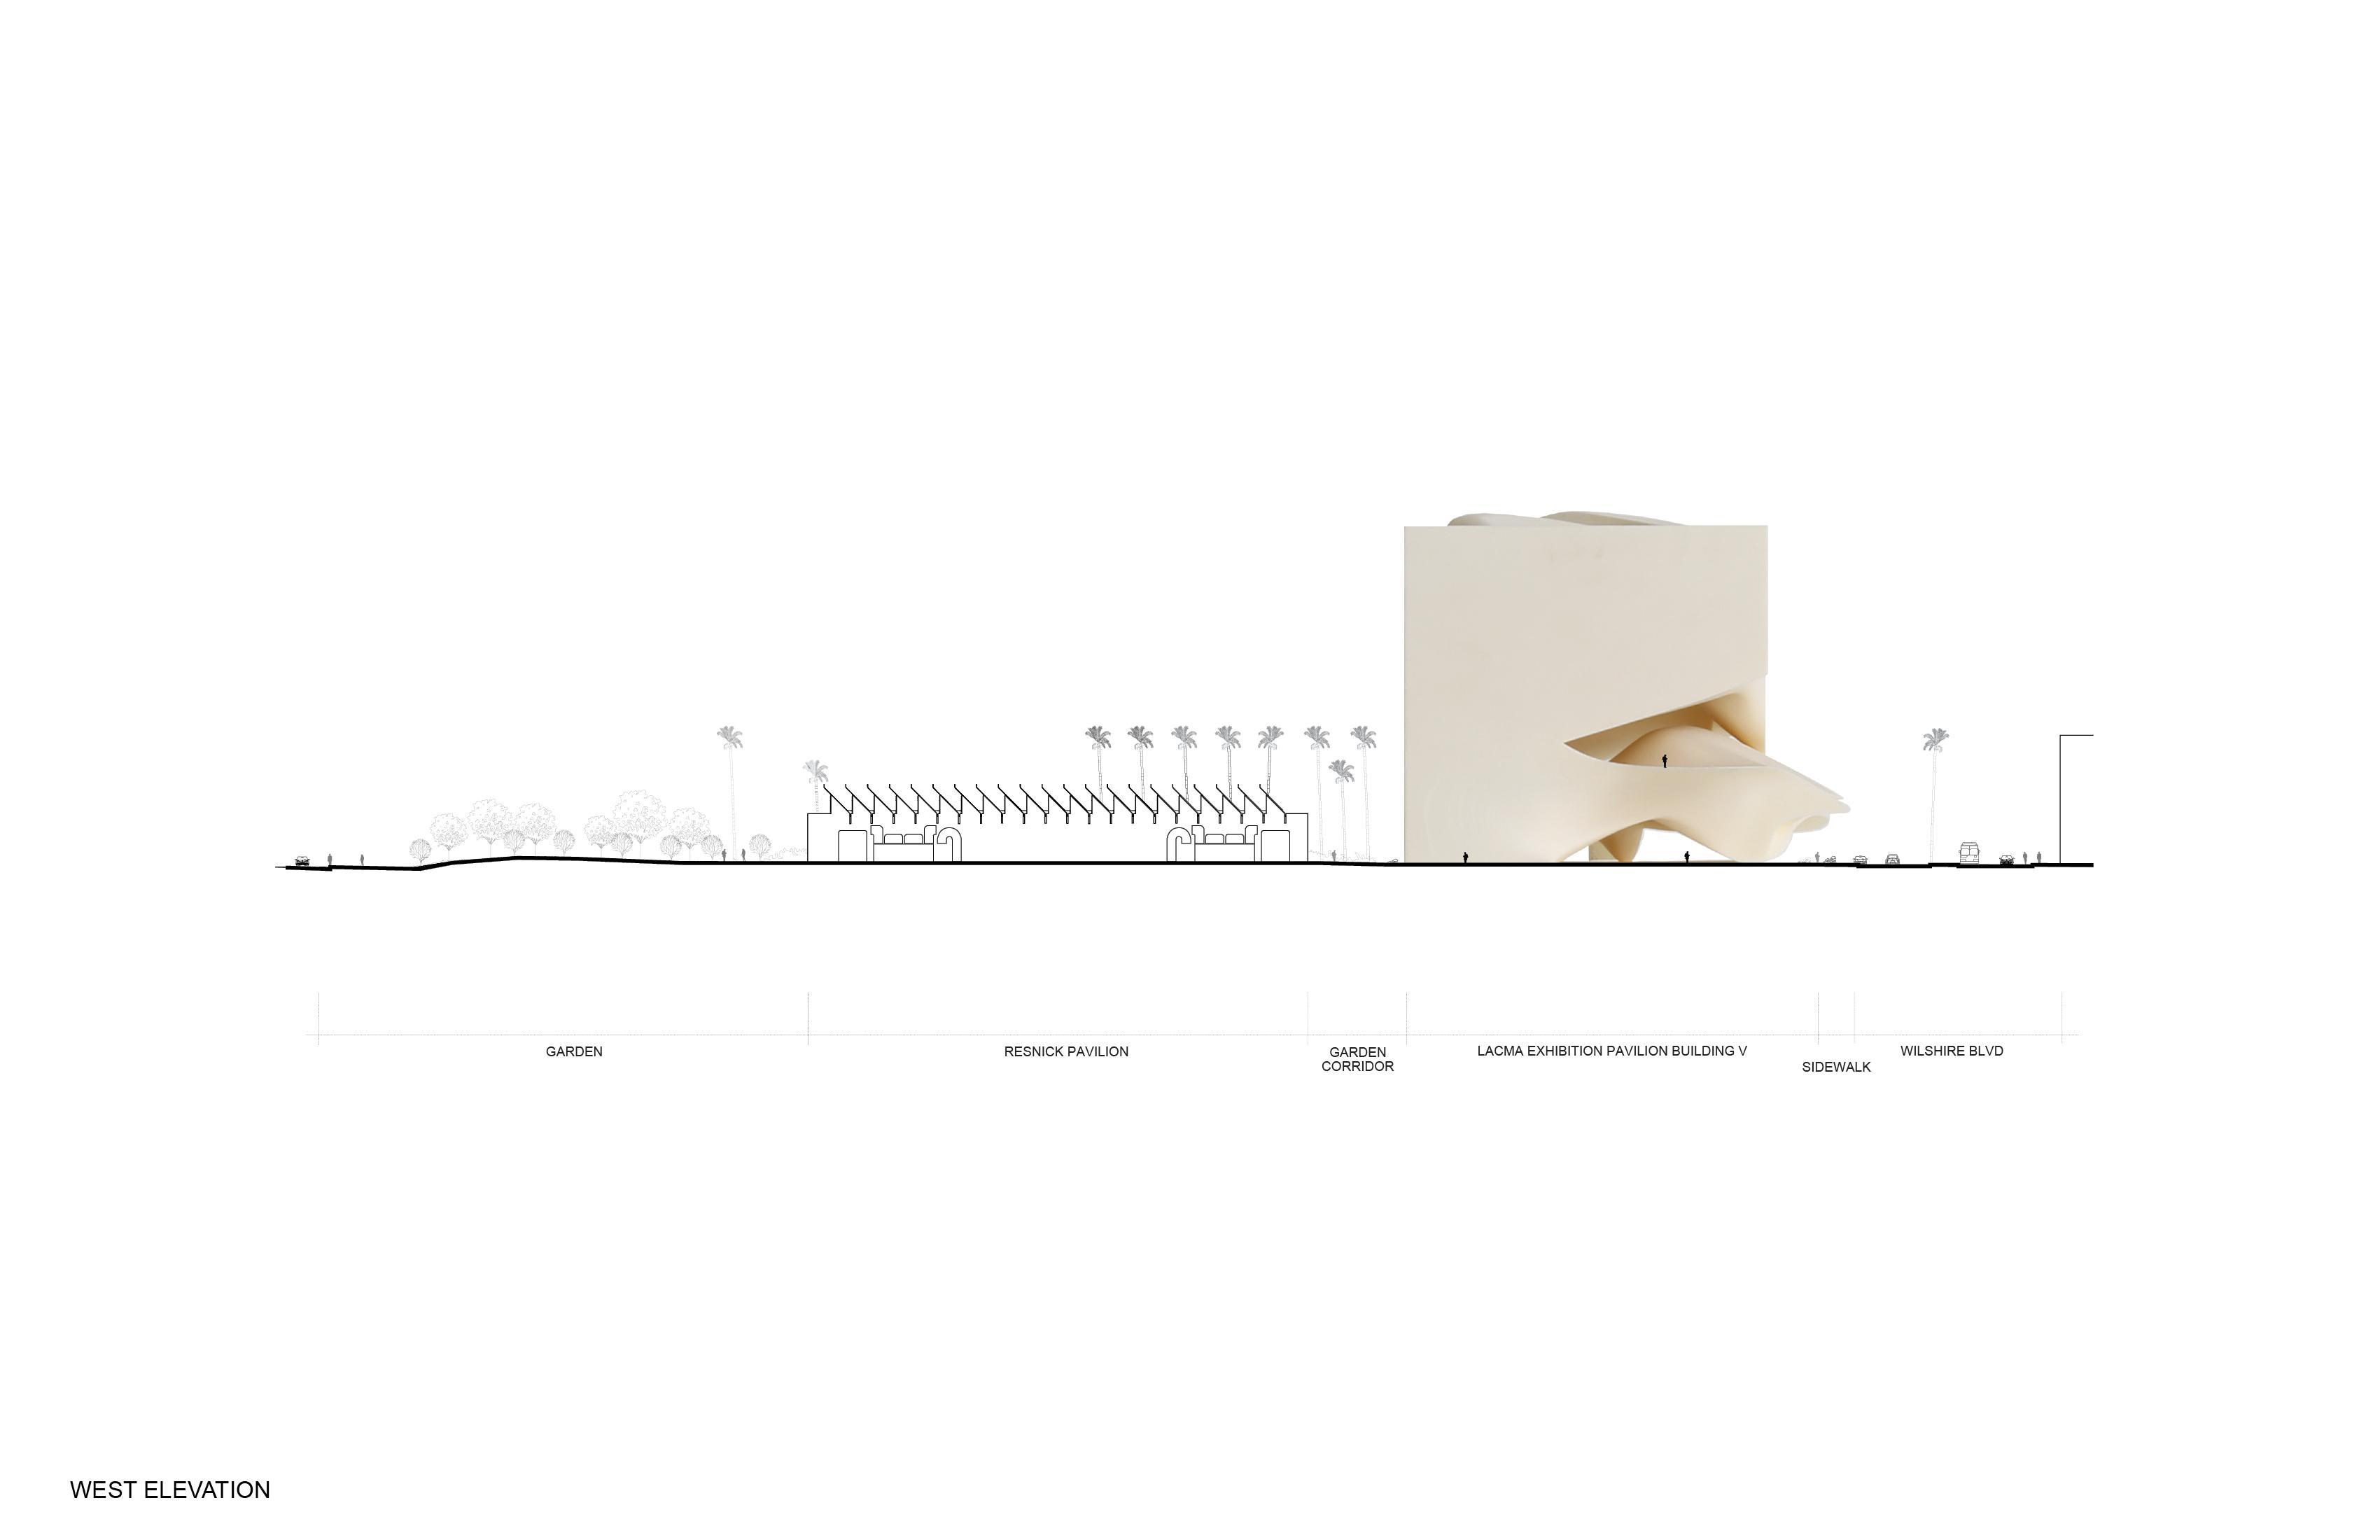 LACMA Exhibition Pavilion Building V14